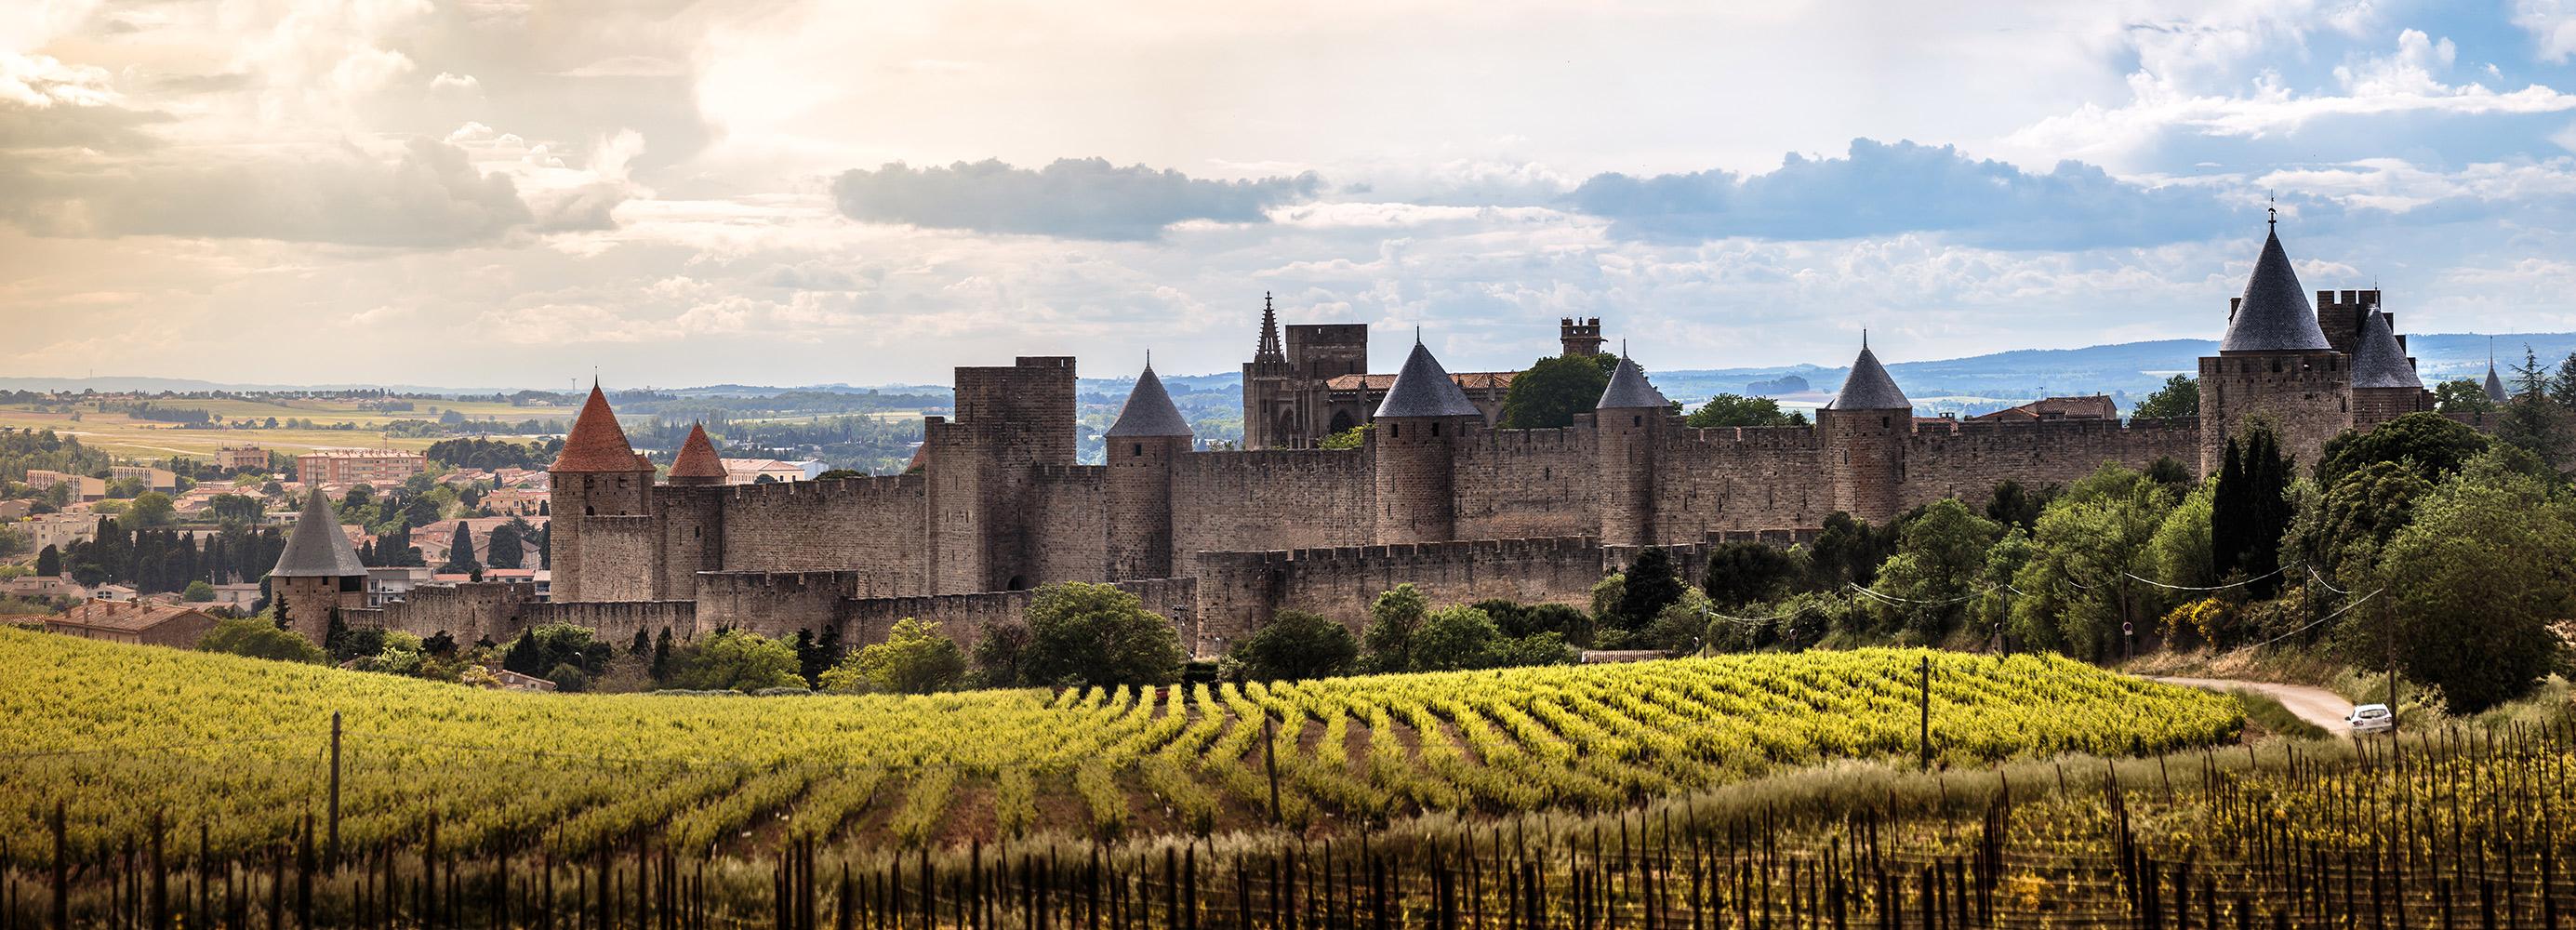 Vue des remparts de la cité de Carcassonne depuis les vignes